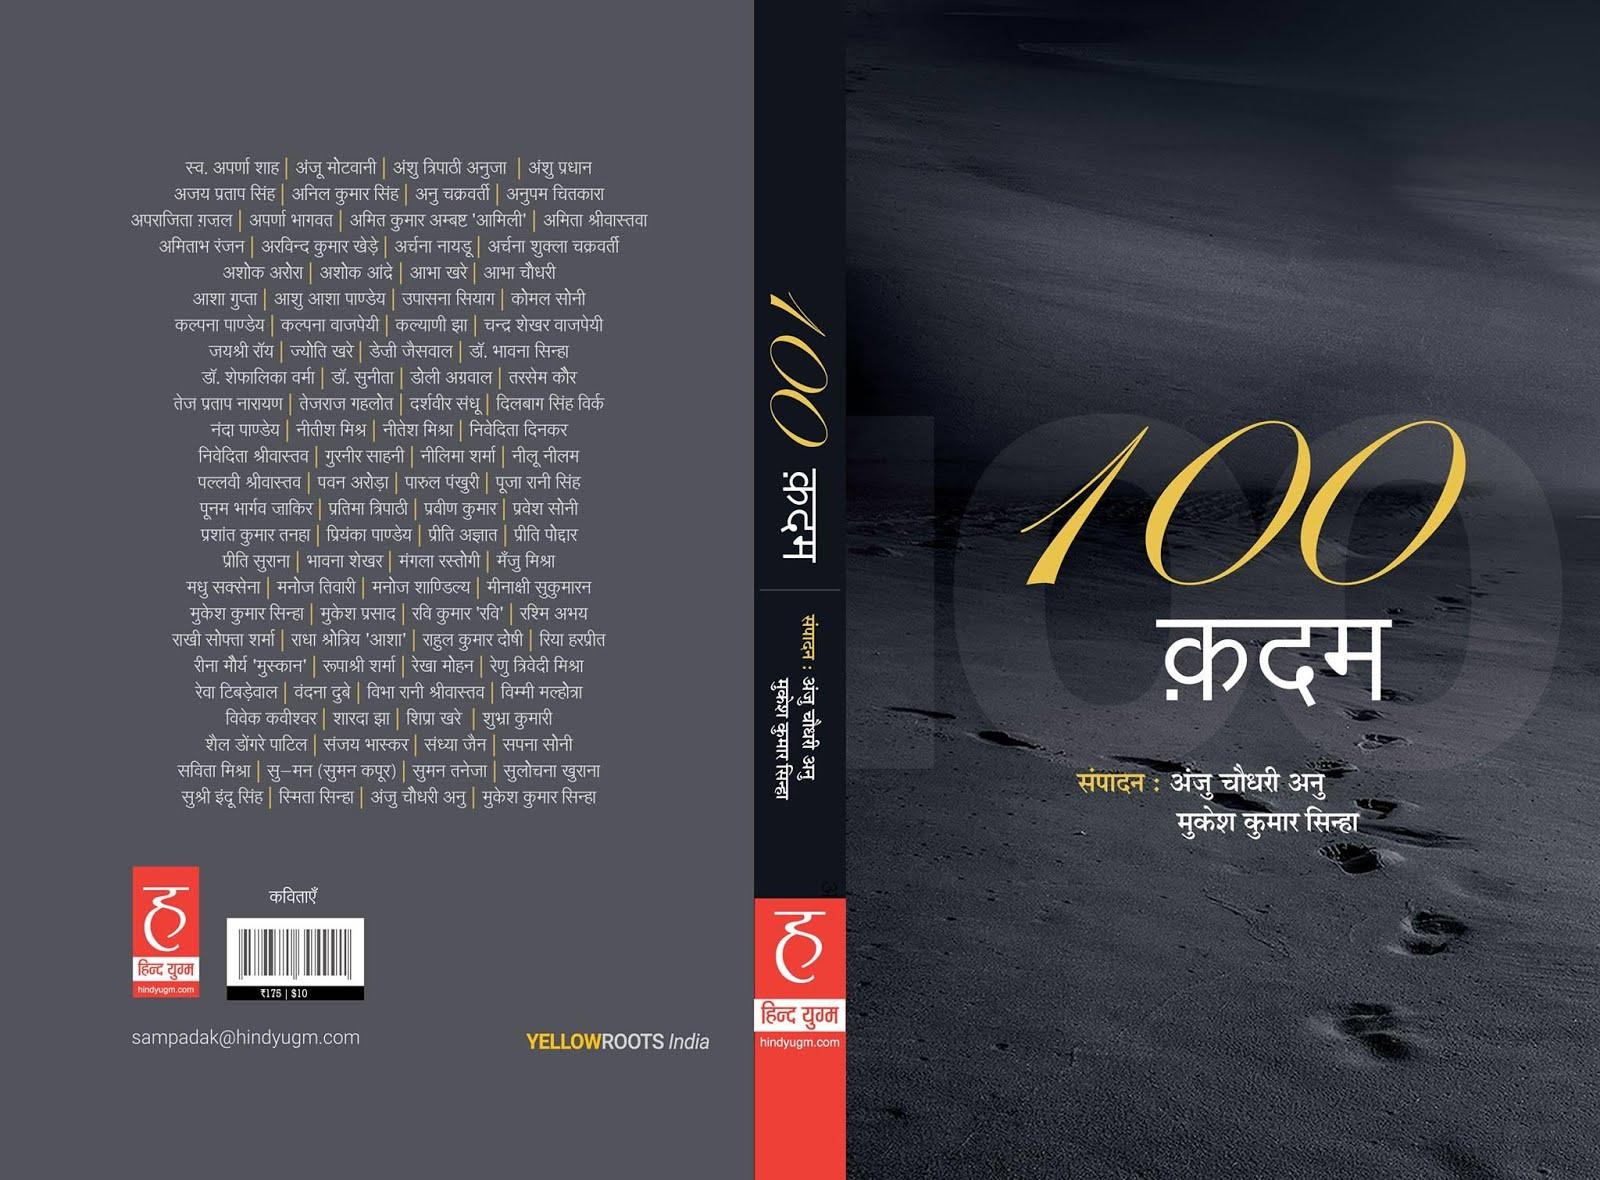 100कदम साझा संग्रह (संपादन में प्रकाशित)